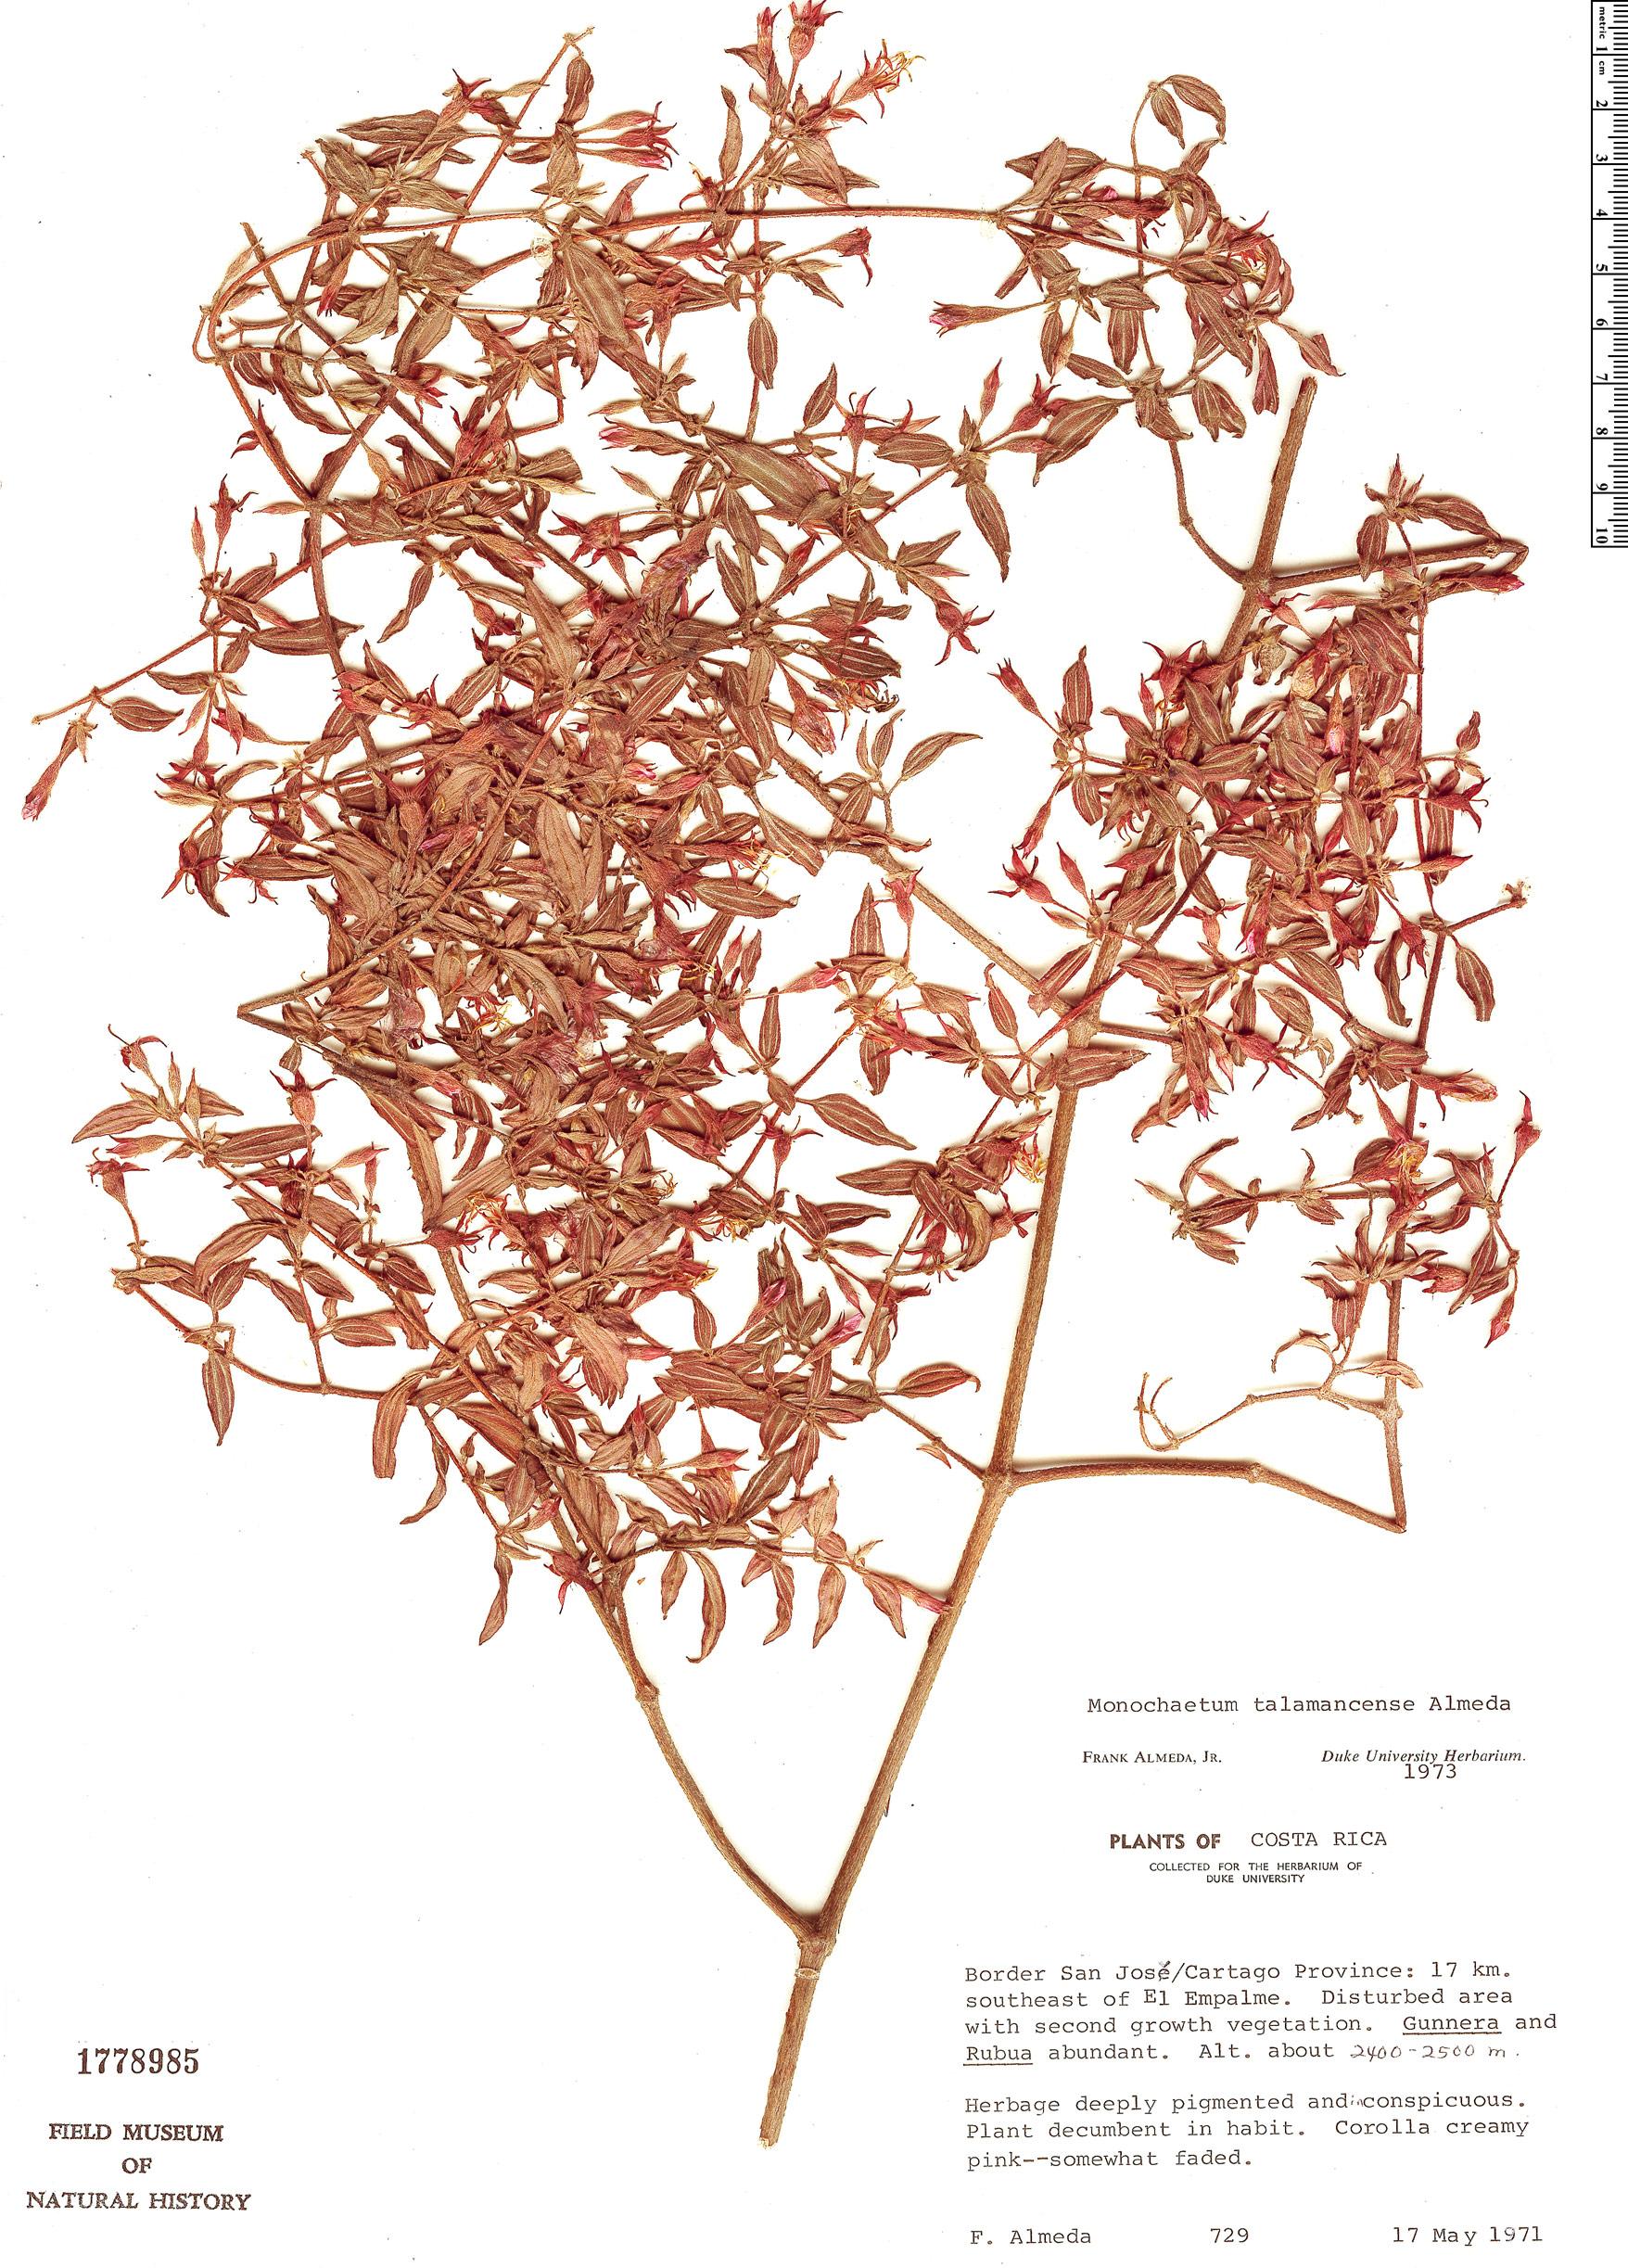 Specimen: Monochaetum talamancense